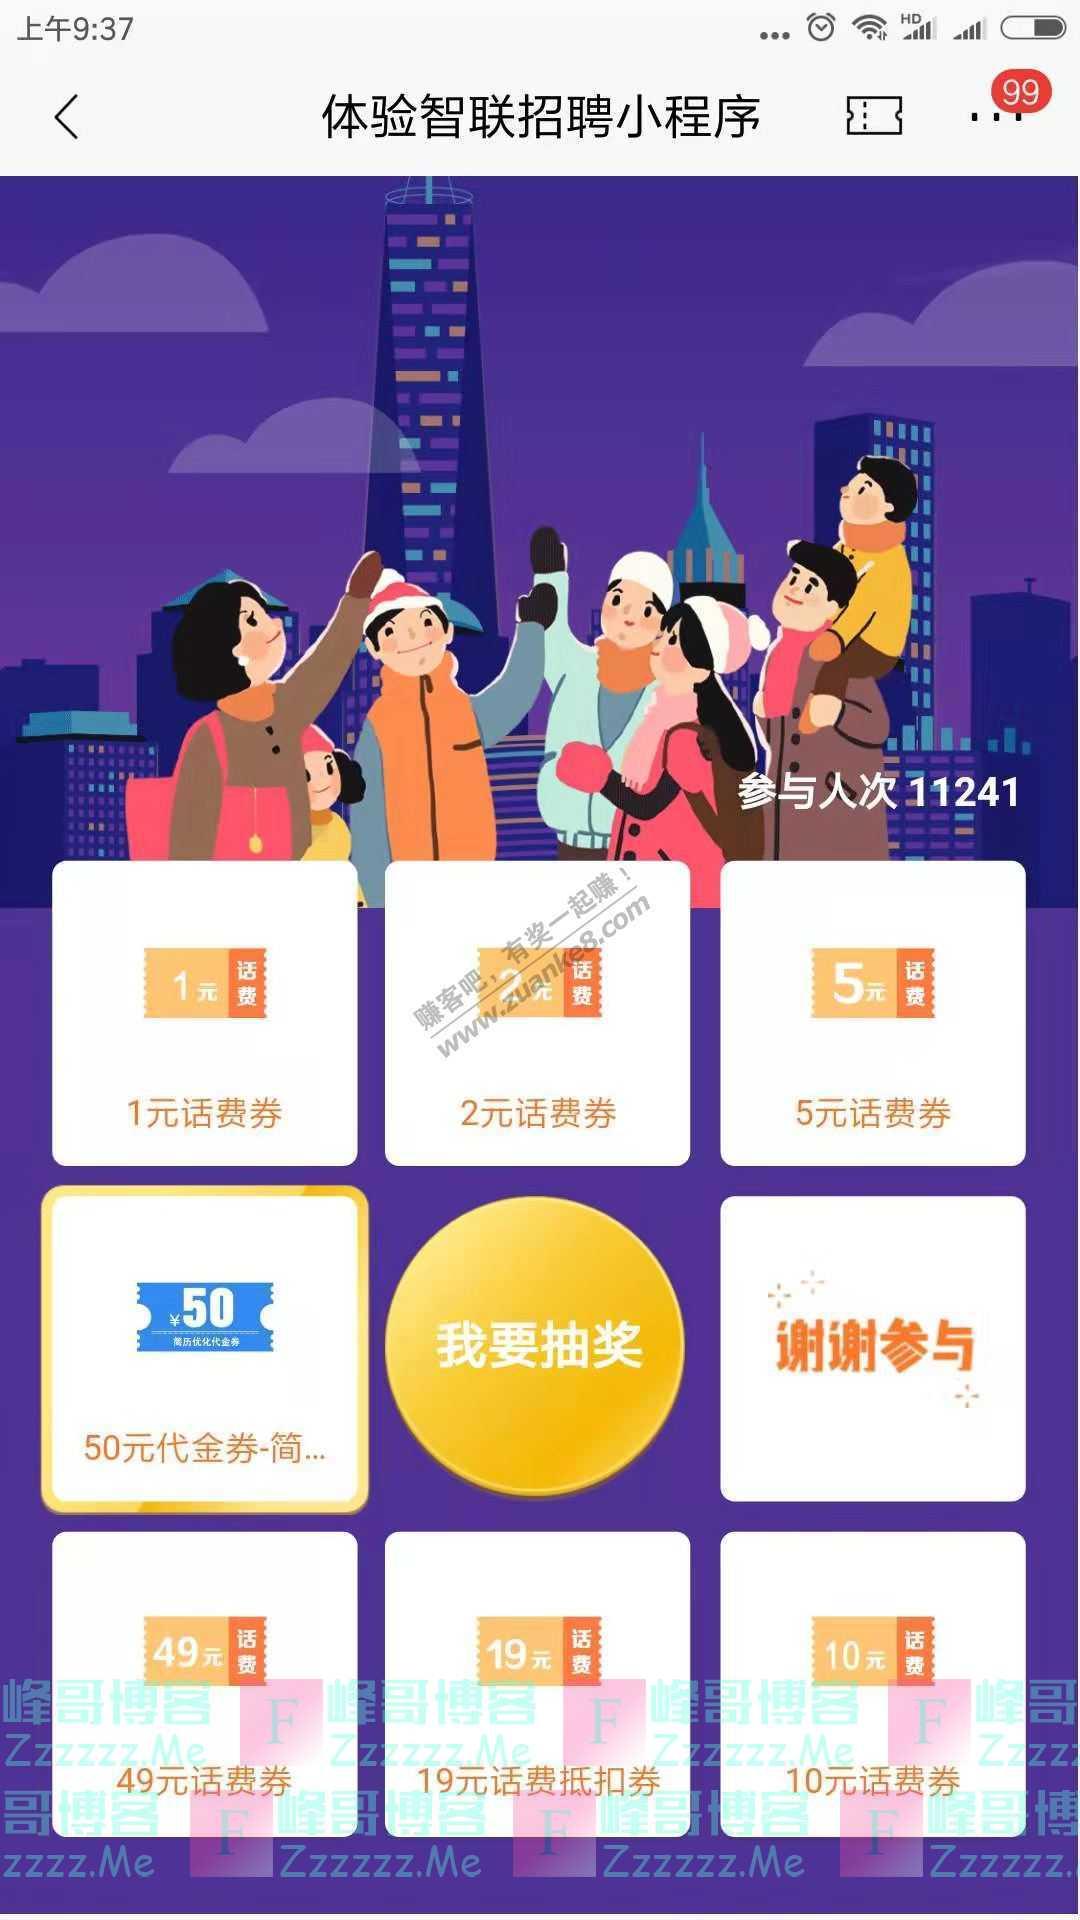 招商银行app体验智联招聘小程序(截止1月31日)